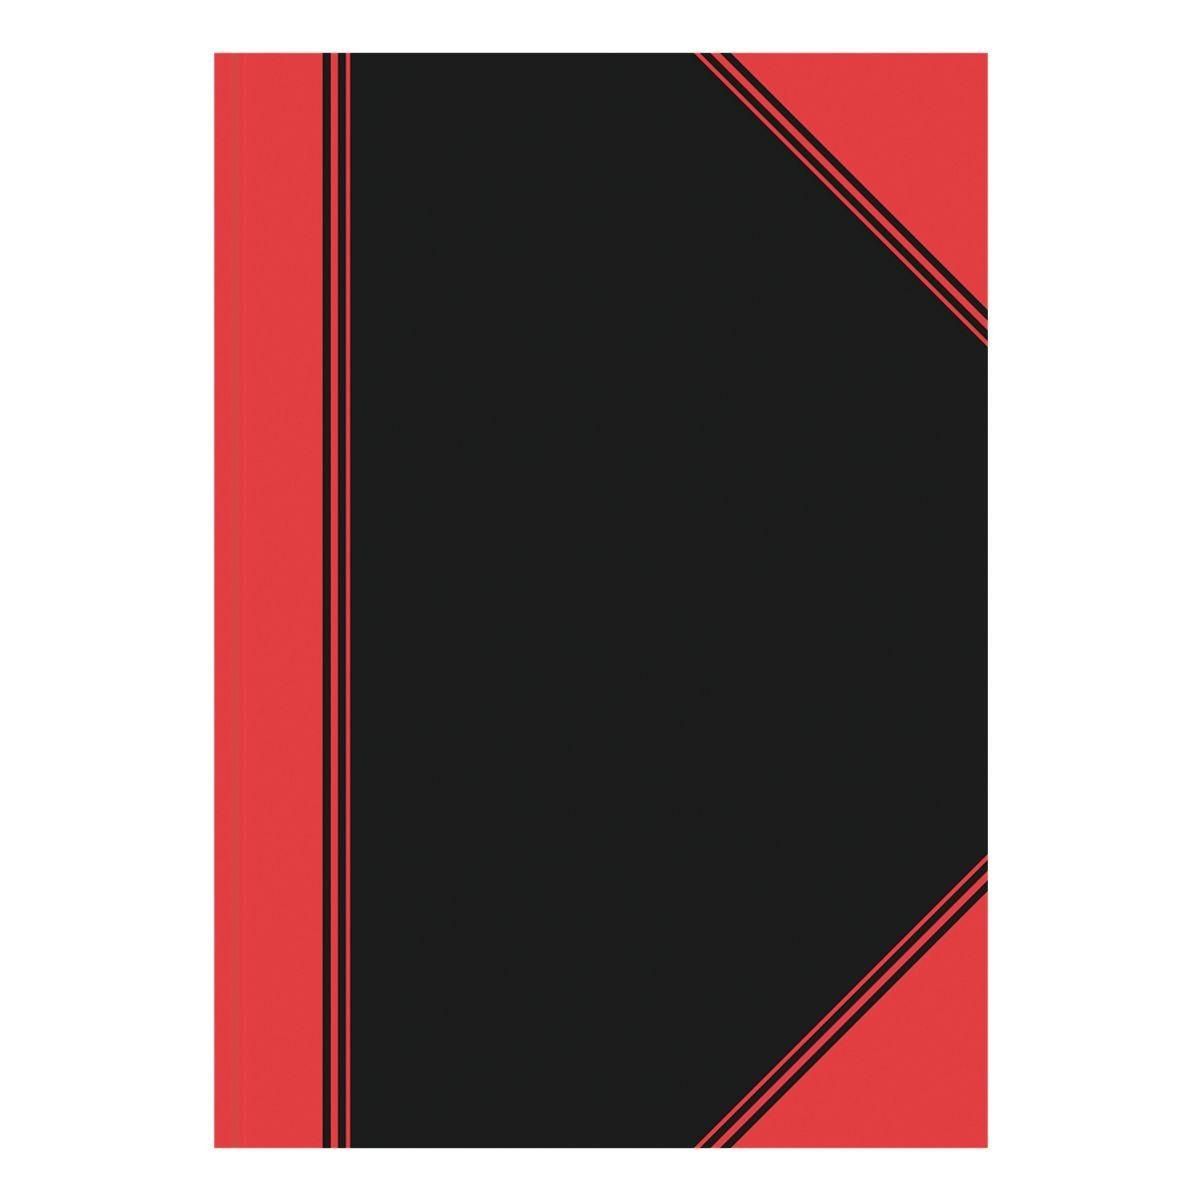 LANDRE Notizbuch 100302817 A5 kariert »Chinakladde«